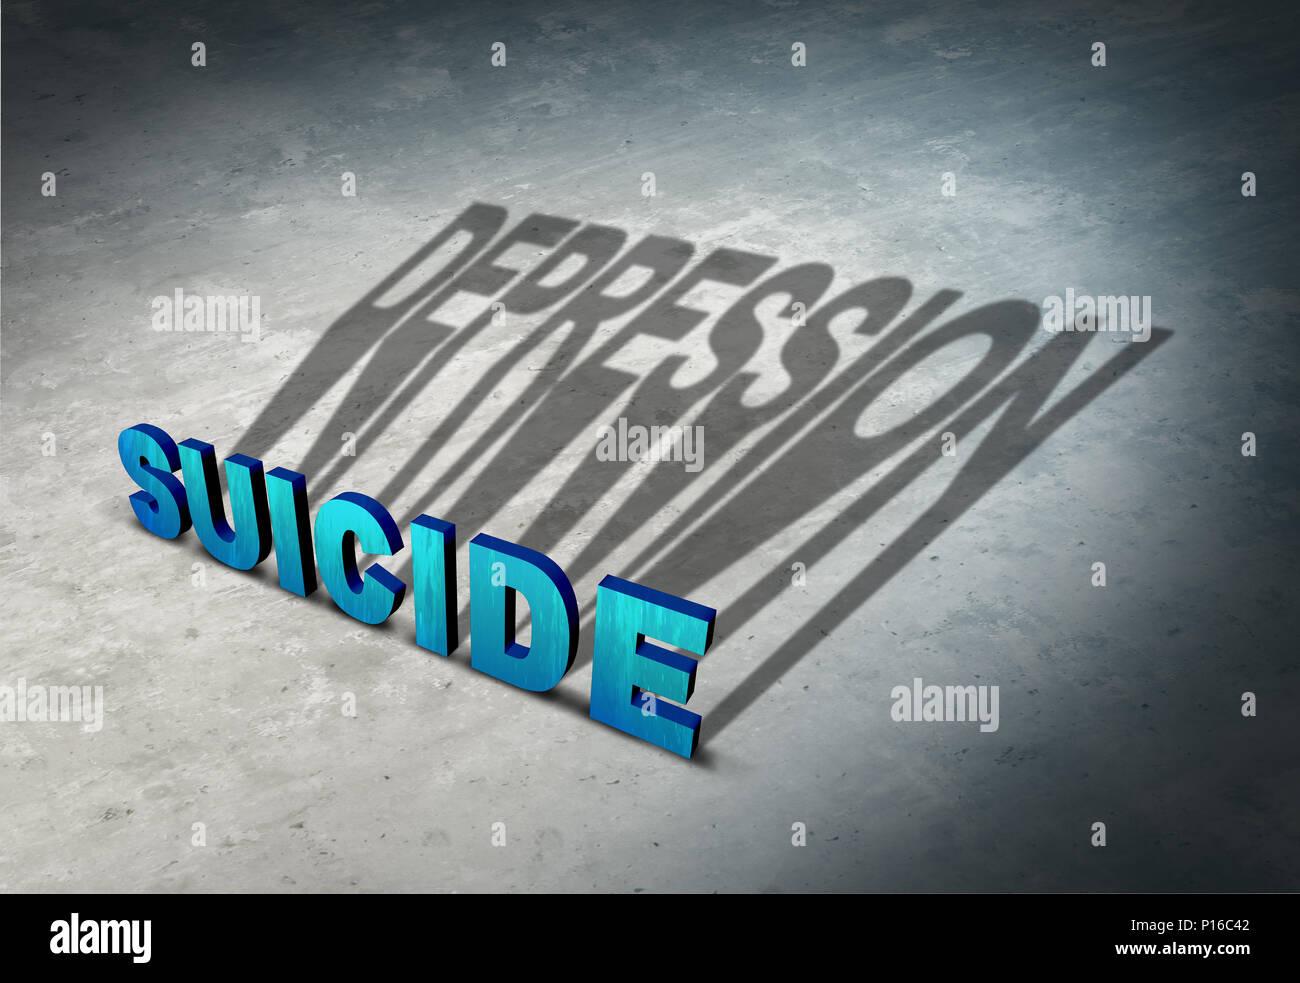 El suicidio y la depresión signos de advertencia de la desesperanza como una enfermedad mental el concepto de salud como una solución permanente a un estado temporal de la mente. Imagen De Stock